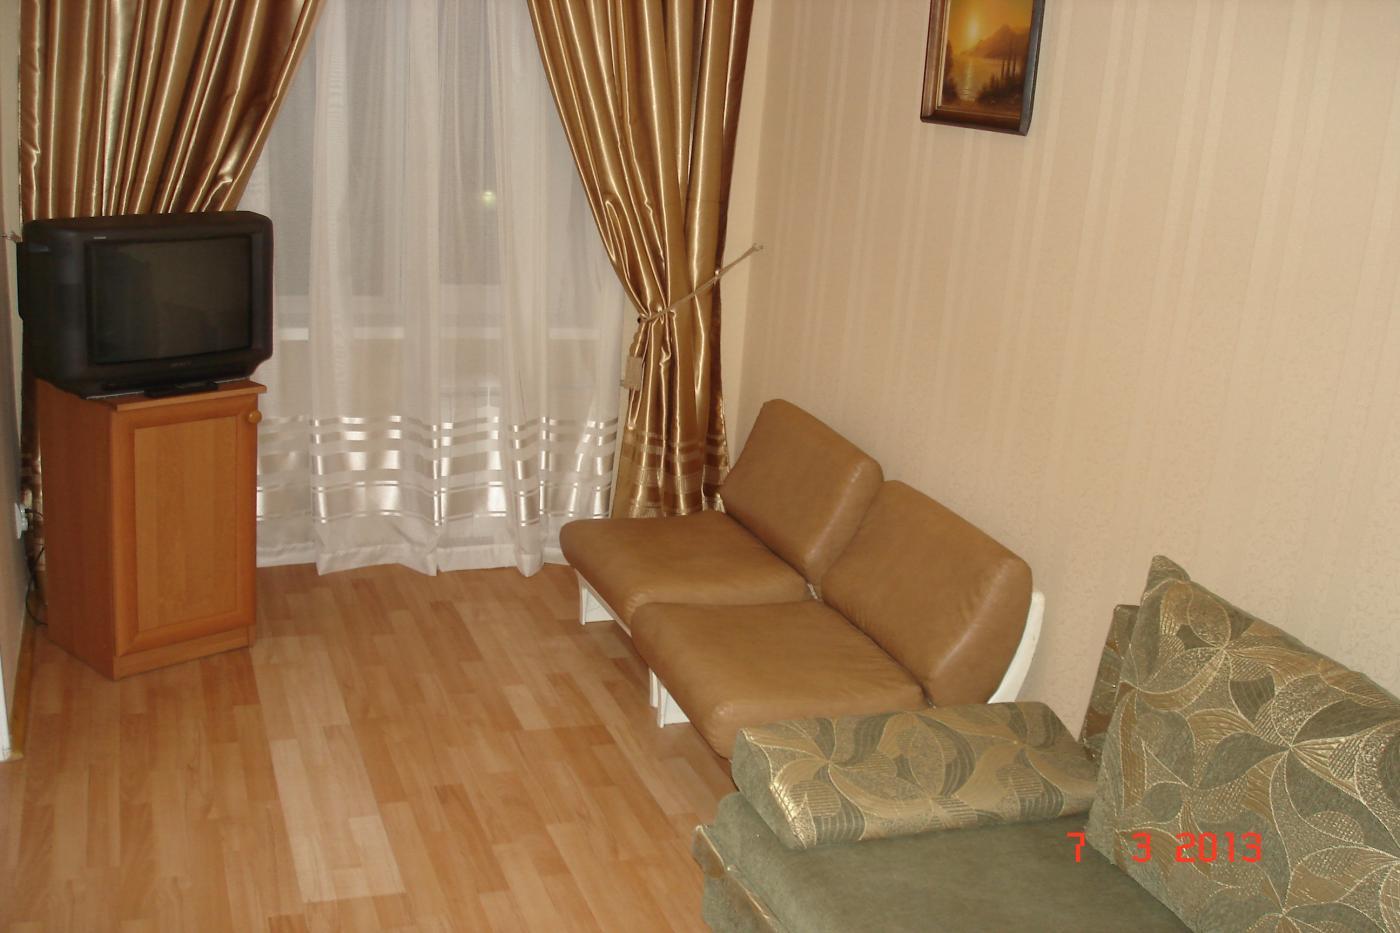 2-комнатная квартира посуточно (вариант № 1714), ул. Гоголя улица, фото № 4